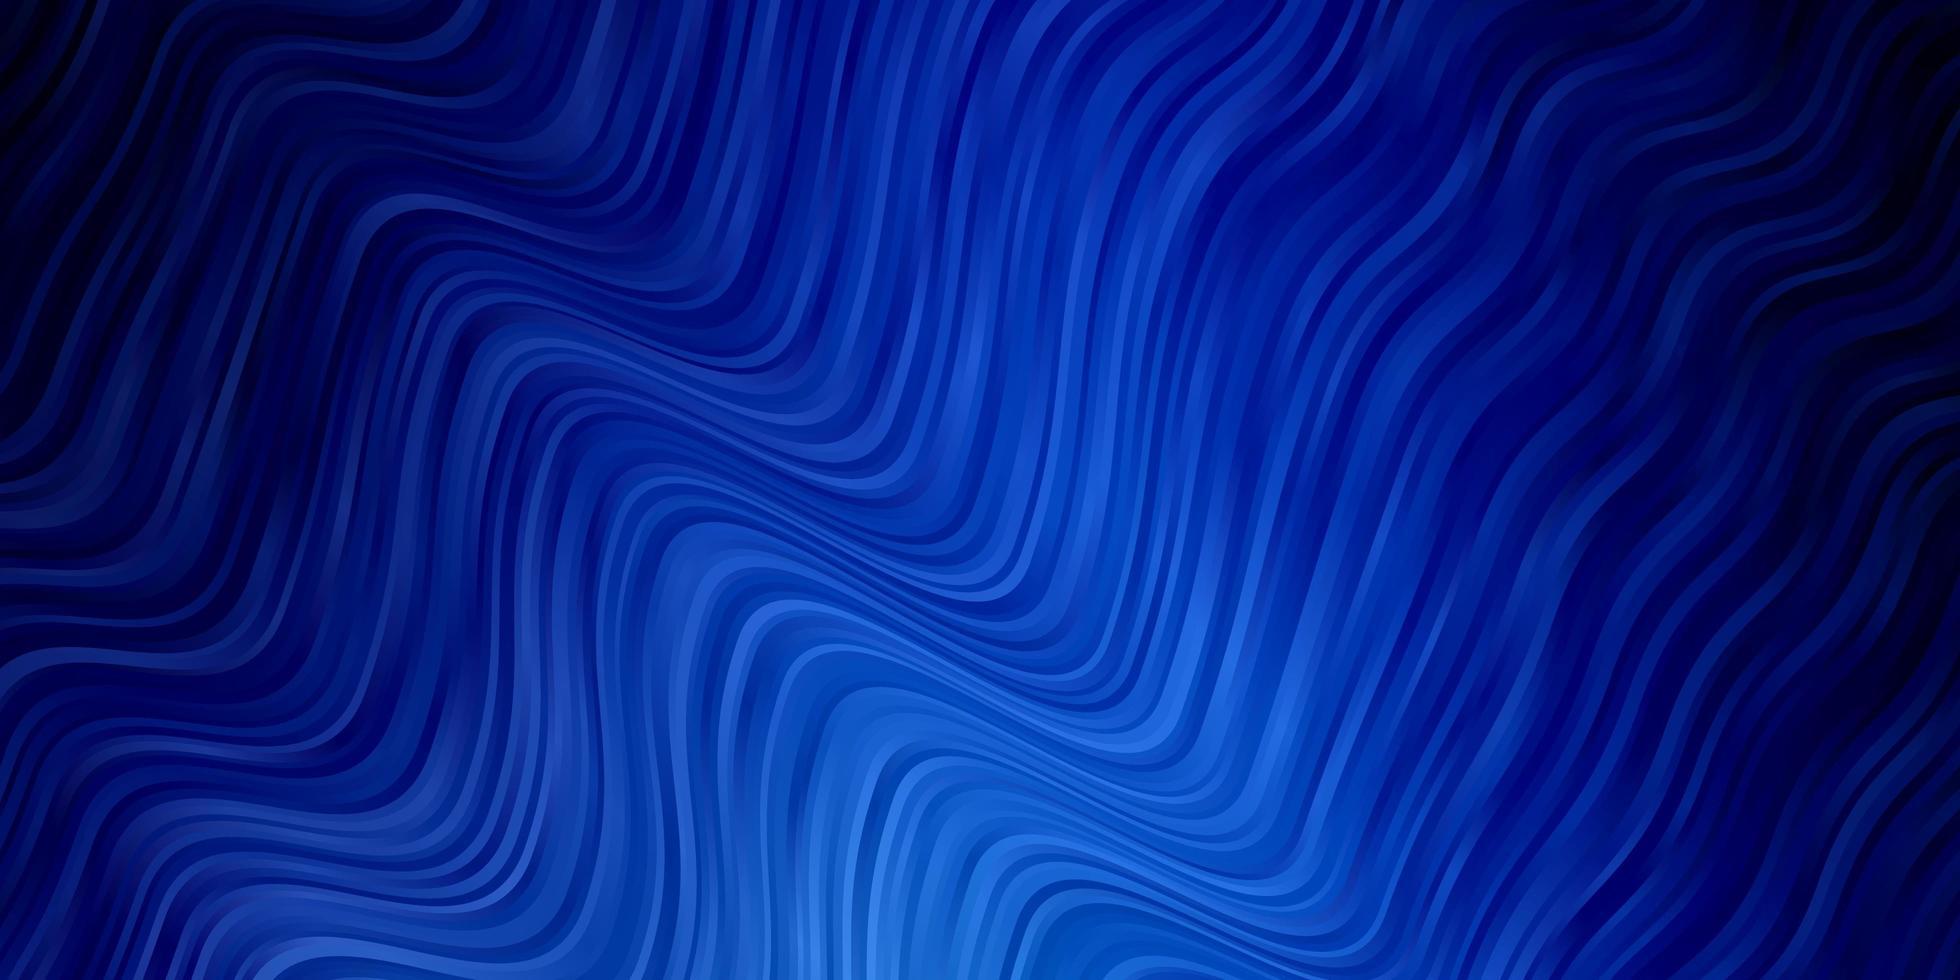 blå mall med sneda linjer. vektor